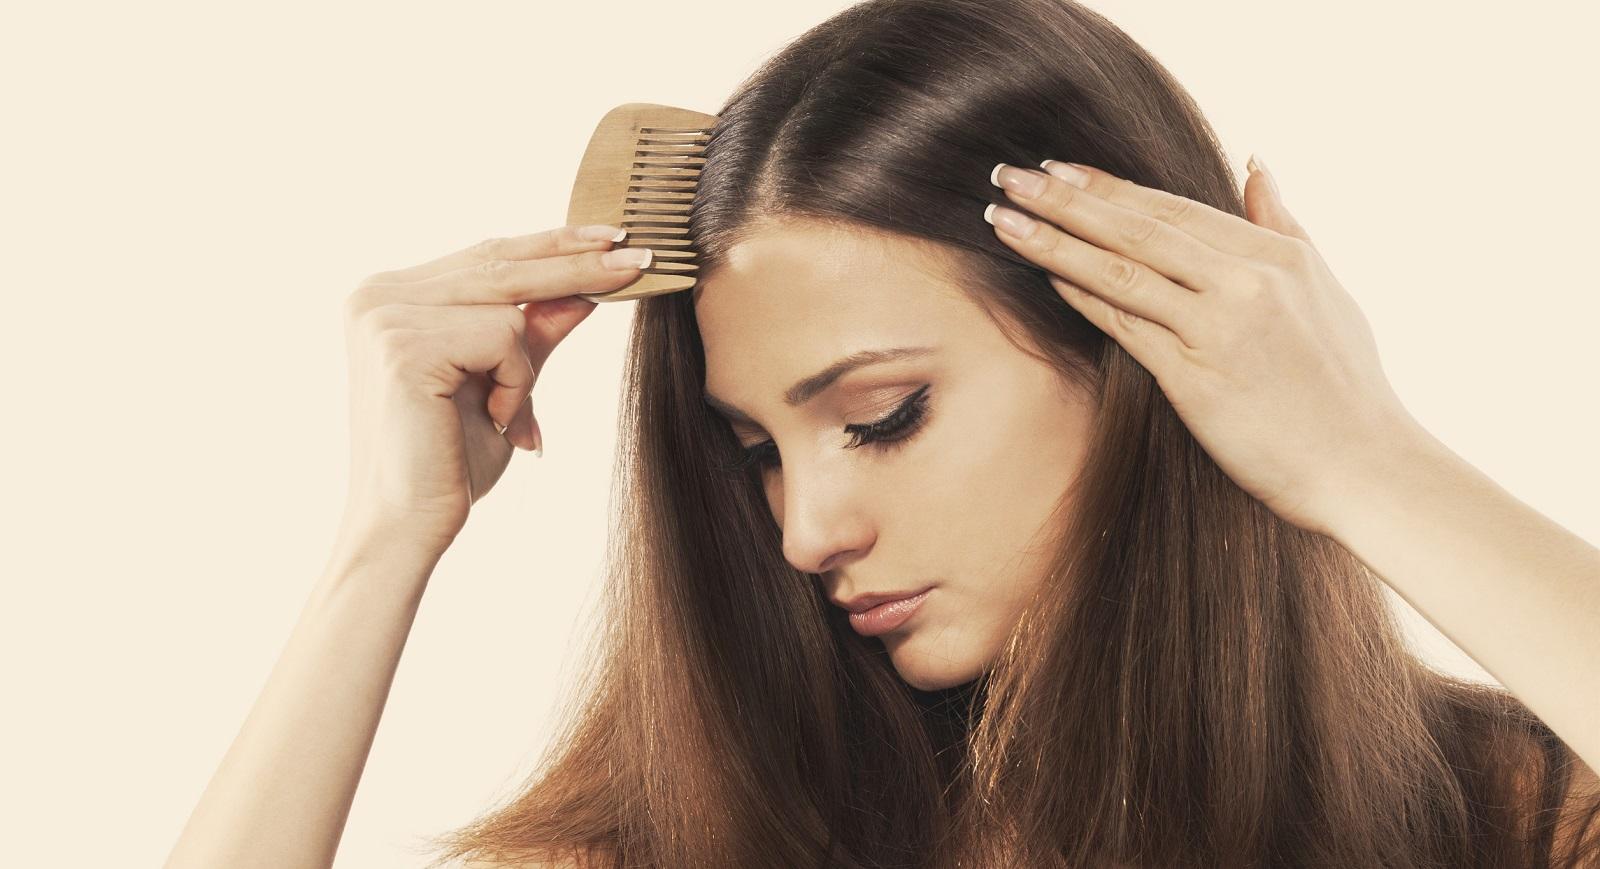 Как быстрее отрастить волосы на голове в домашних условиях за неделю